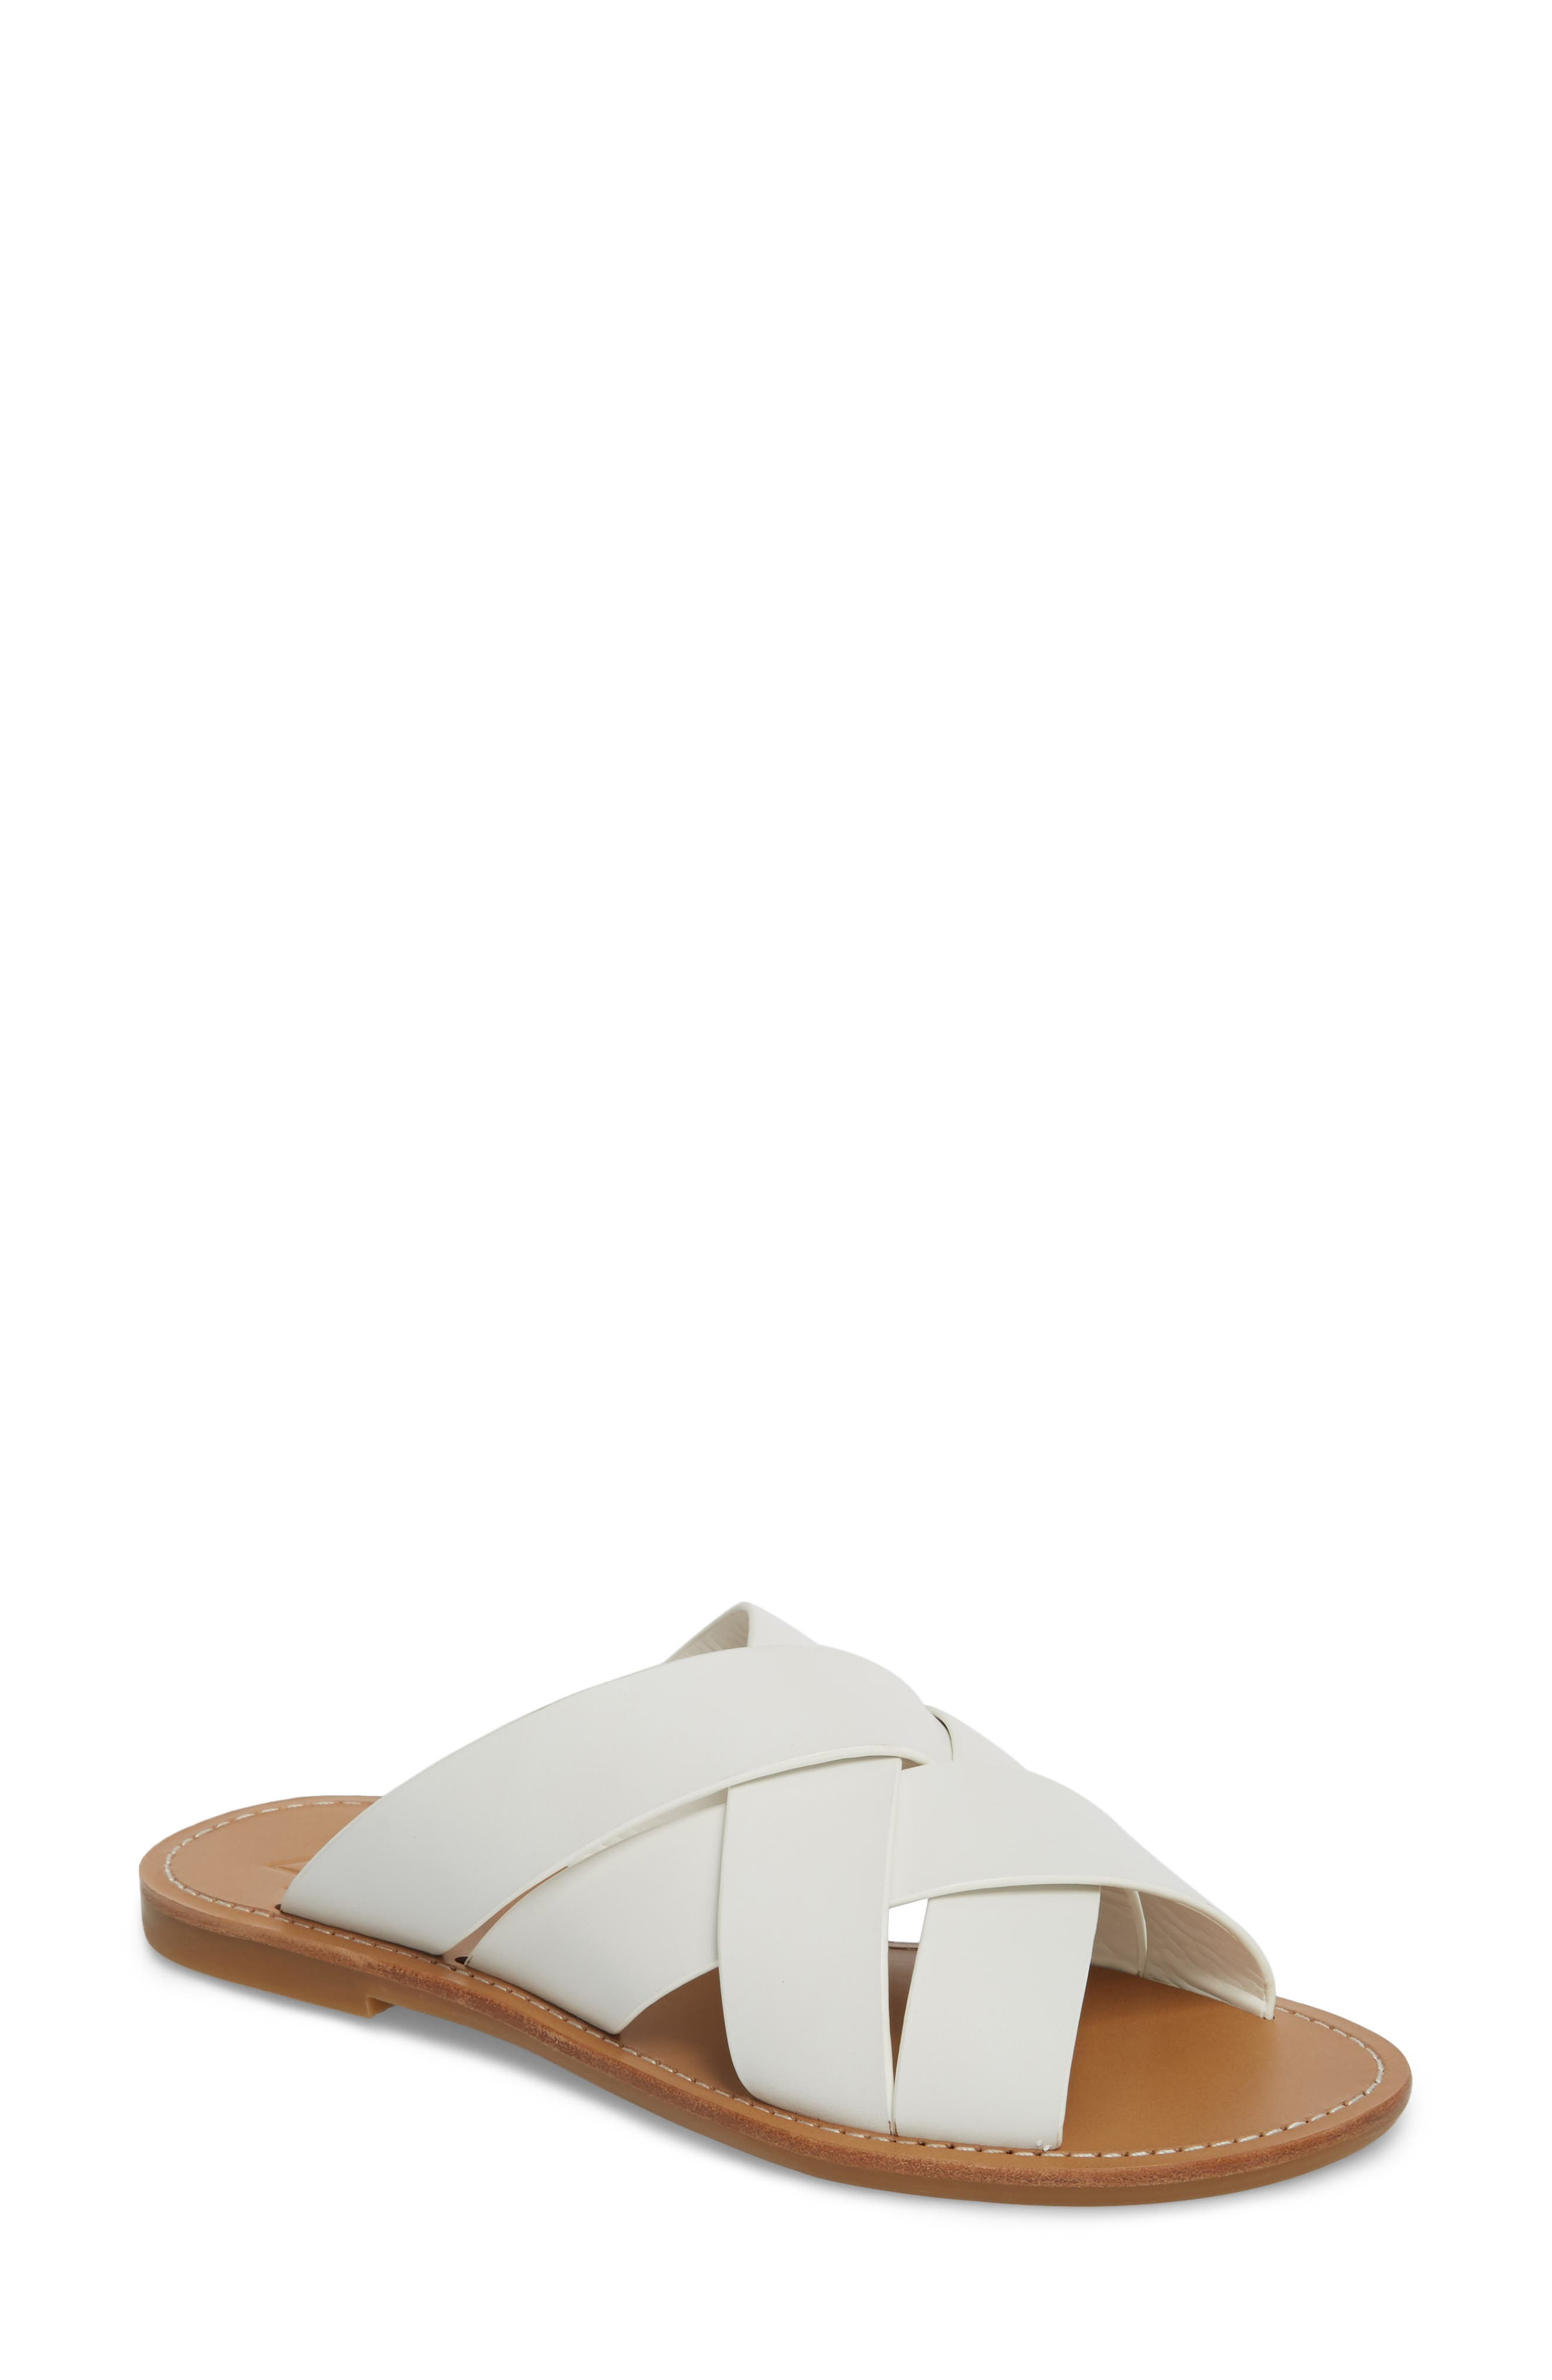 Raida Slide Sandal,                         Main,                         color, 112